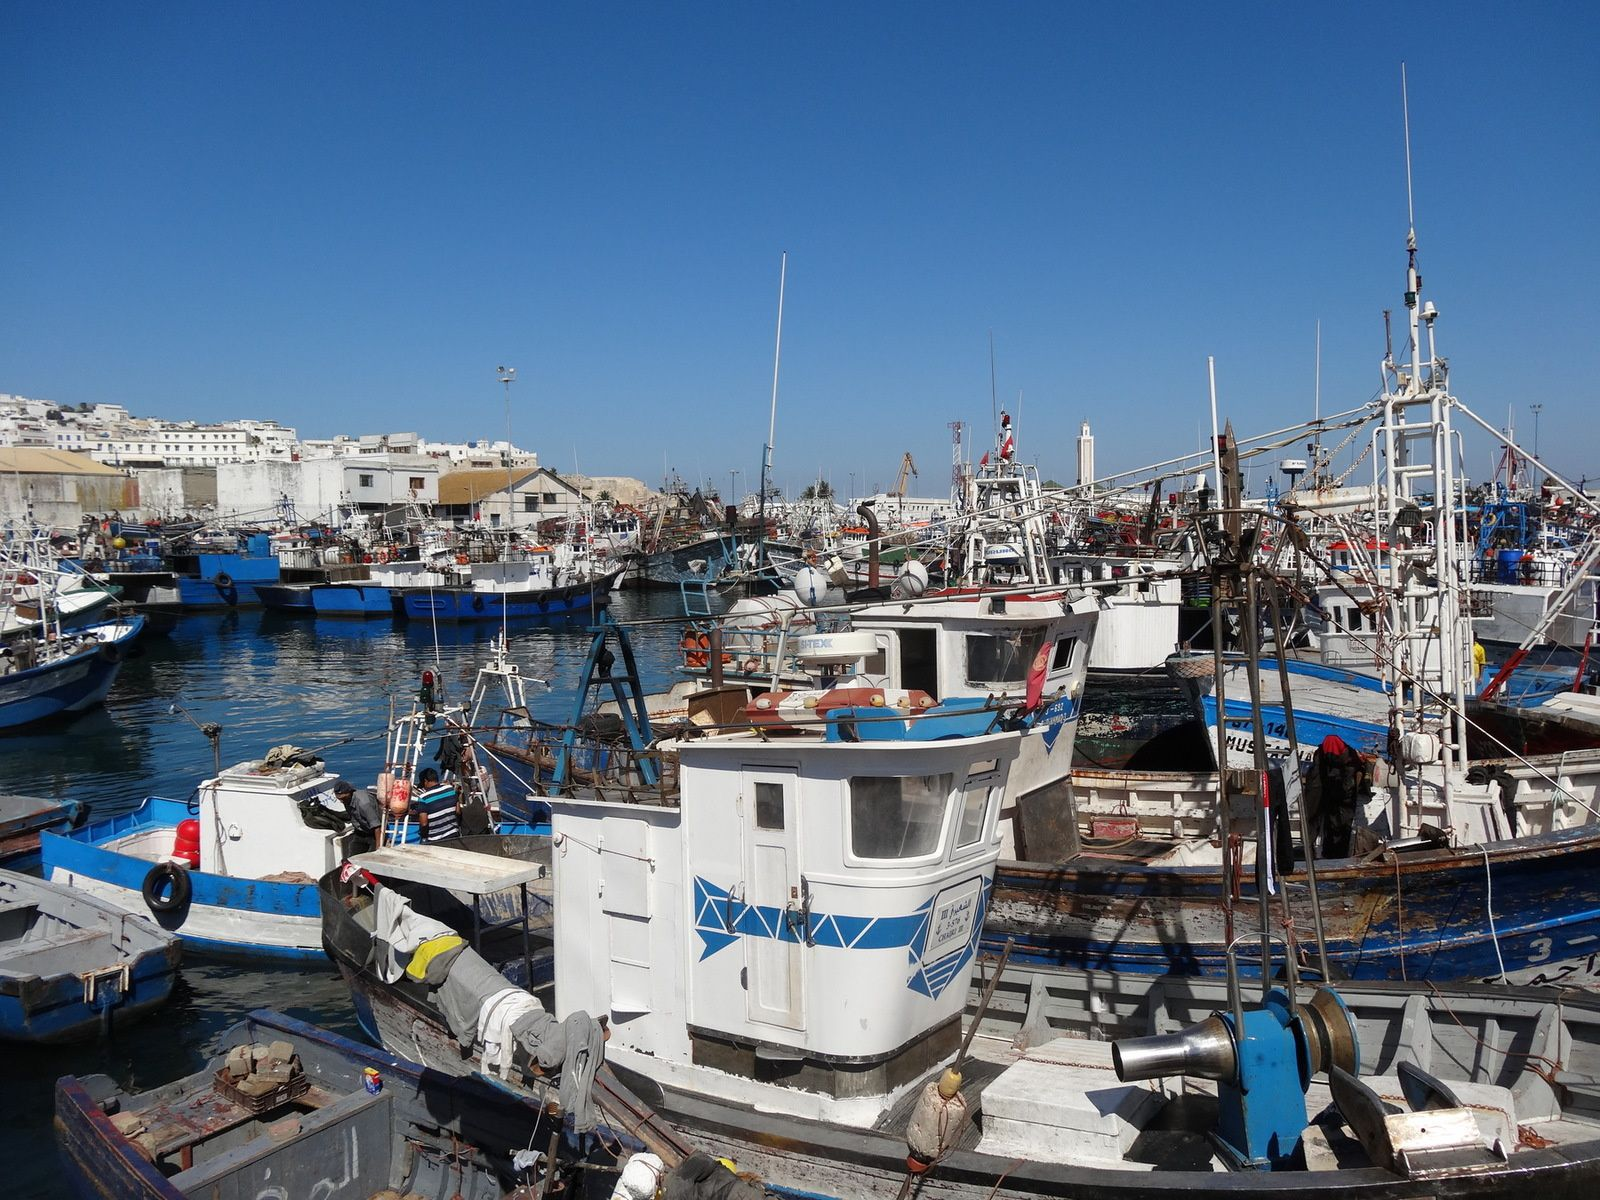 Le port de pêche de Tanger (pas encore déménagé au 20 septembre 2016)